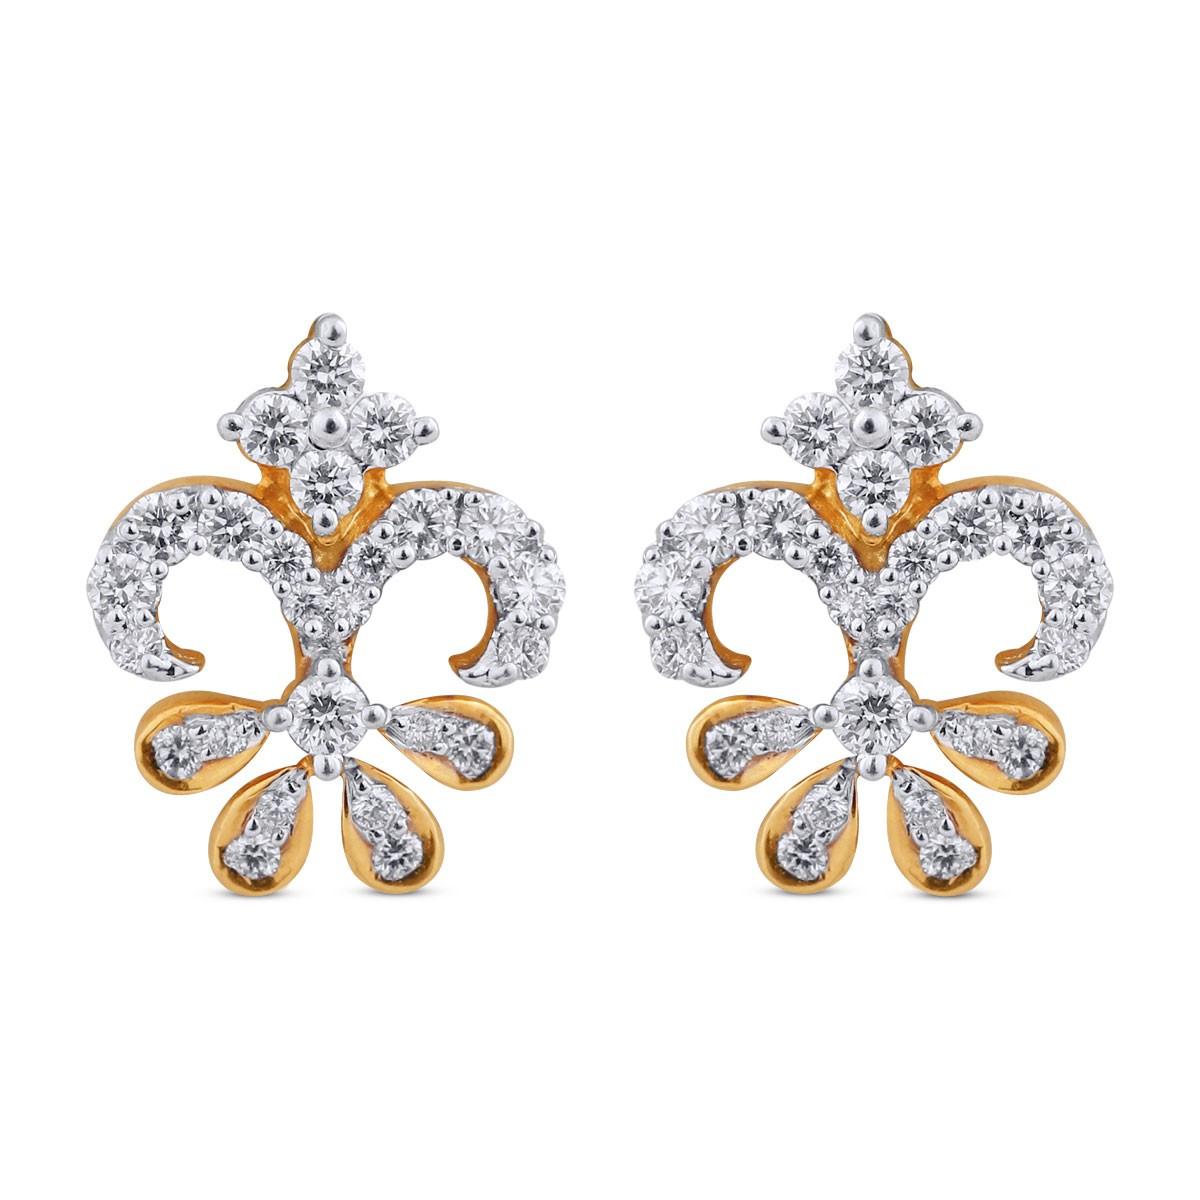 Zoey Yellow Gold Diamond Stud Earrings